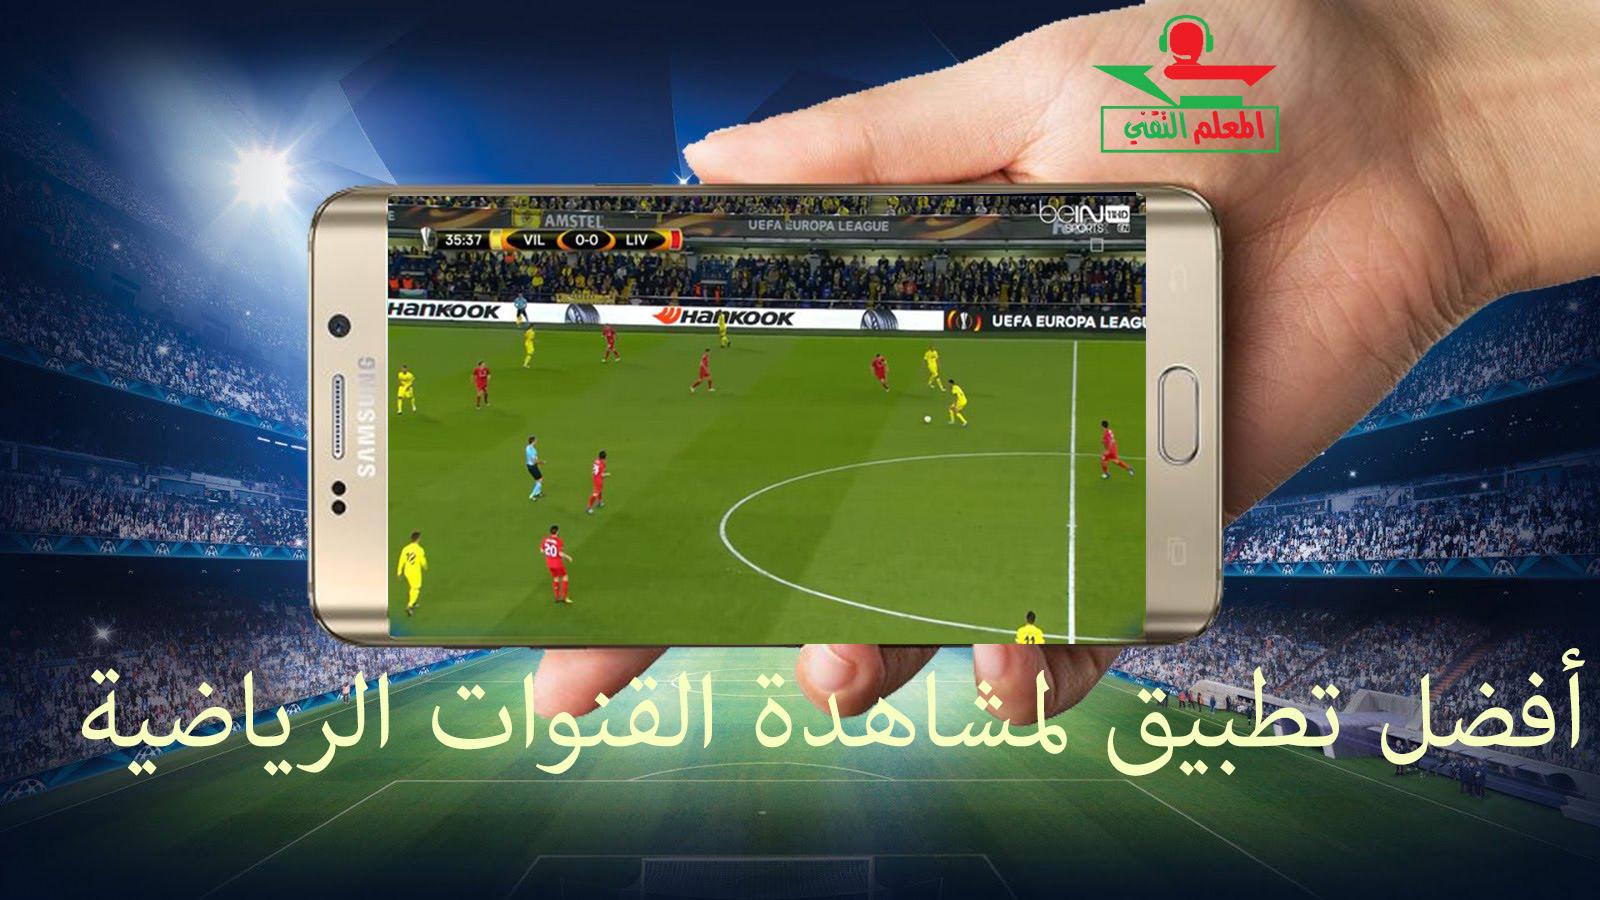 صورة عودة أفضل تطبيق لمشاهدة القنوات الرياضية بكود مجاني وثابت ولمدة غير محدودة 2017